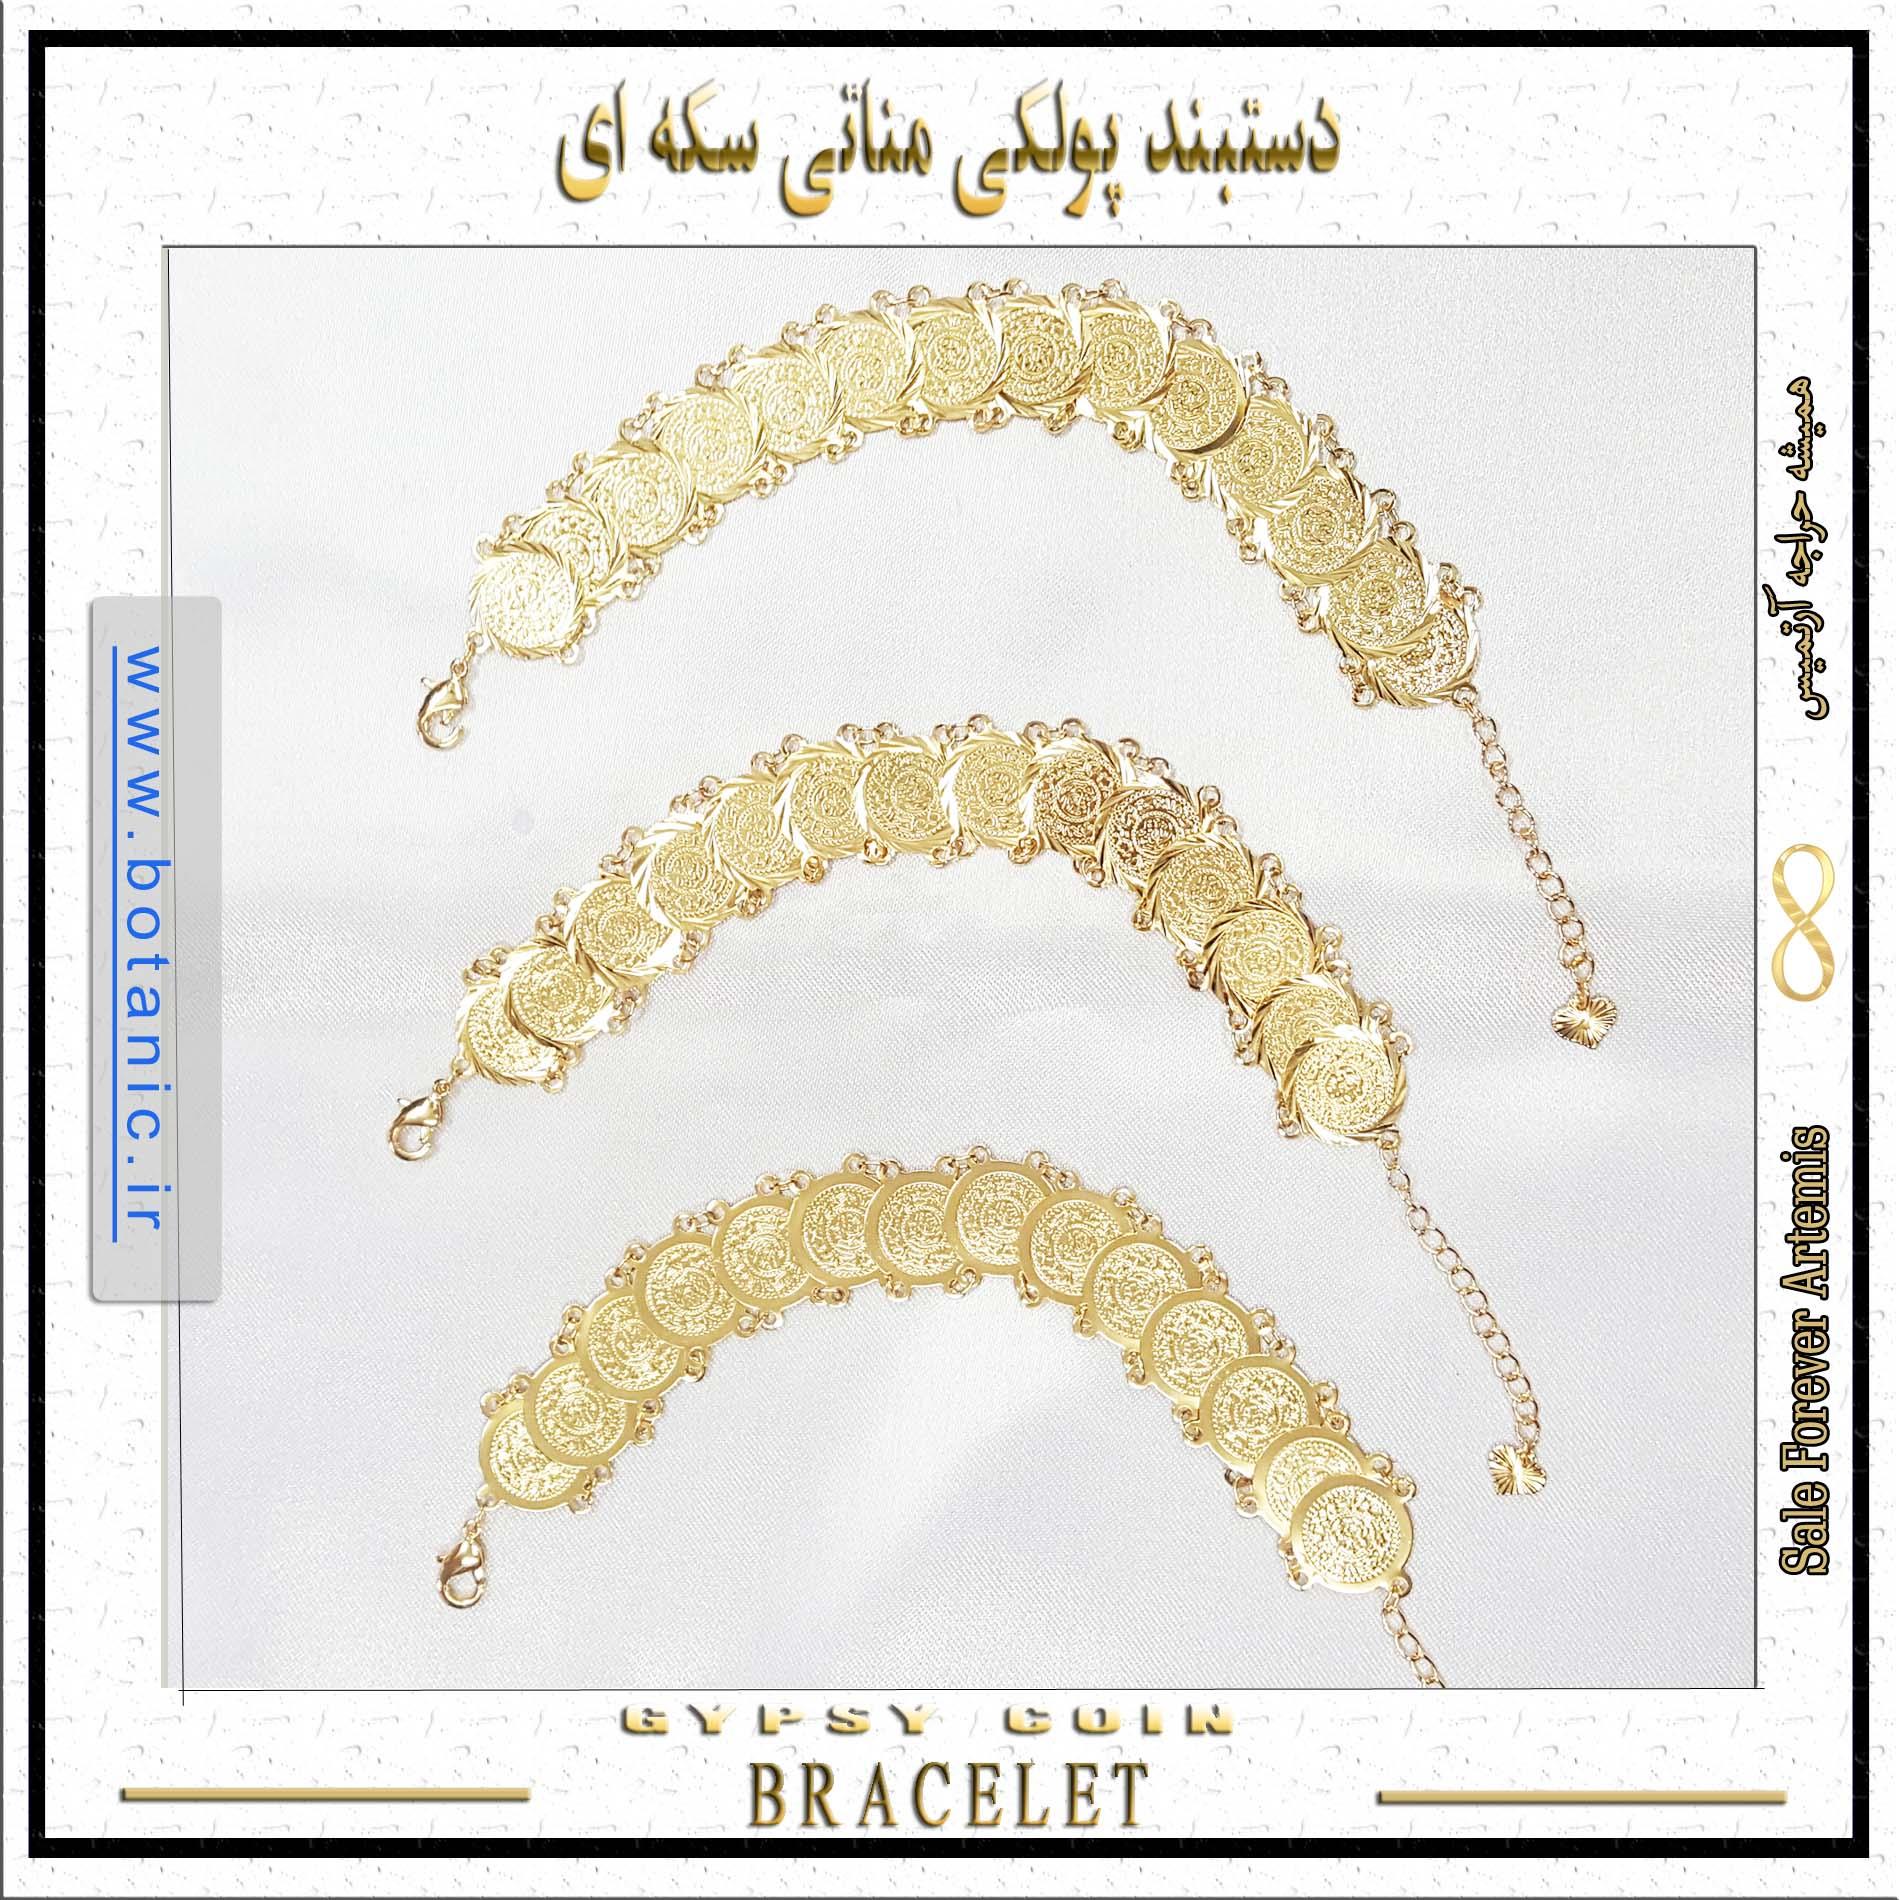 Gypsy Coin Bracelet